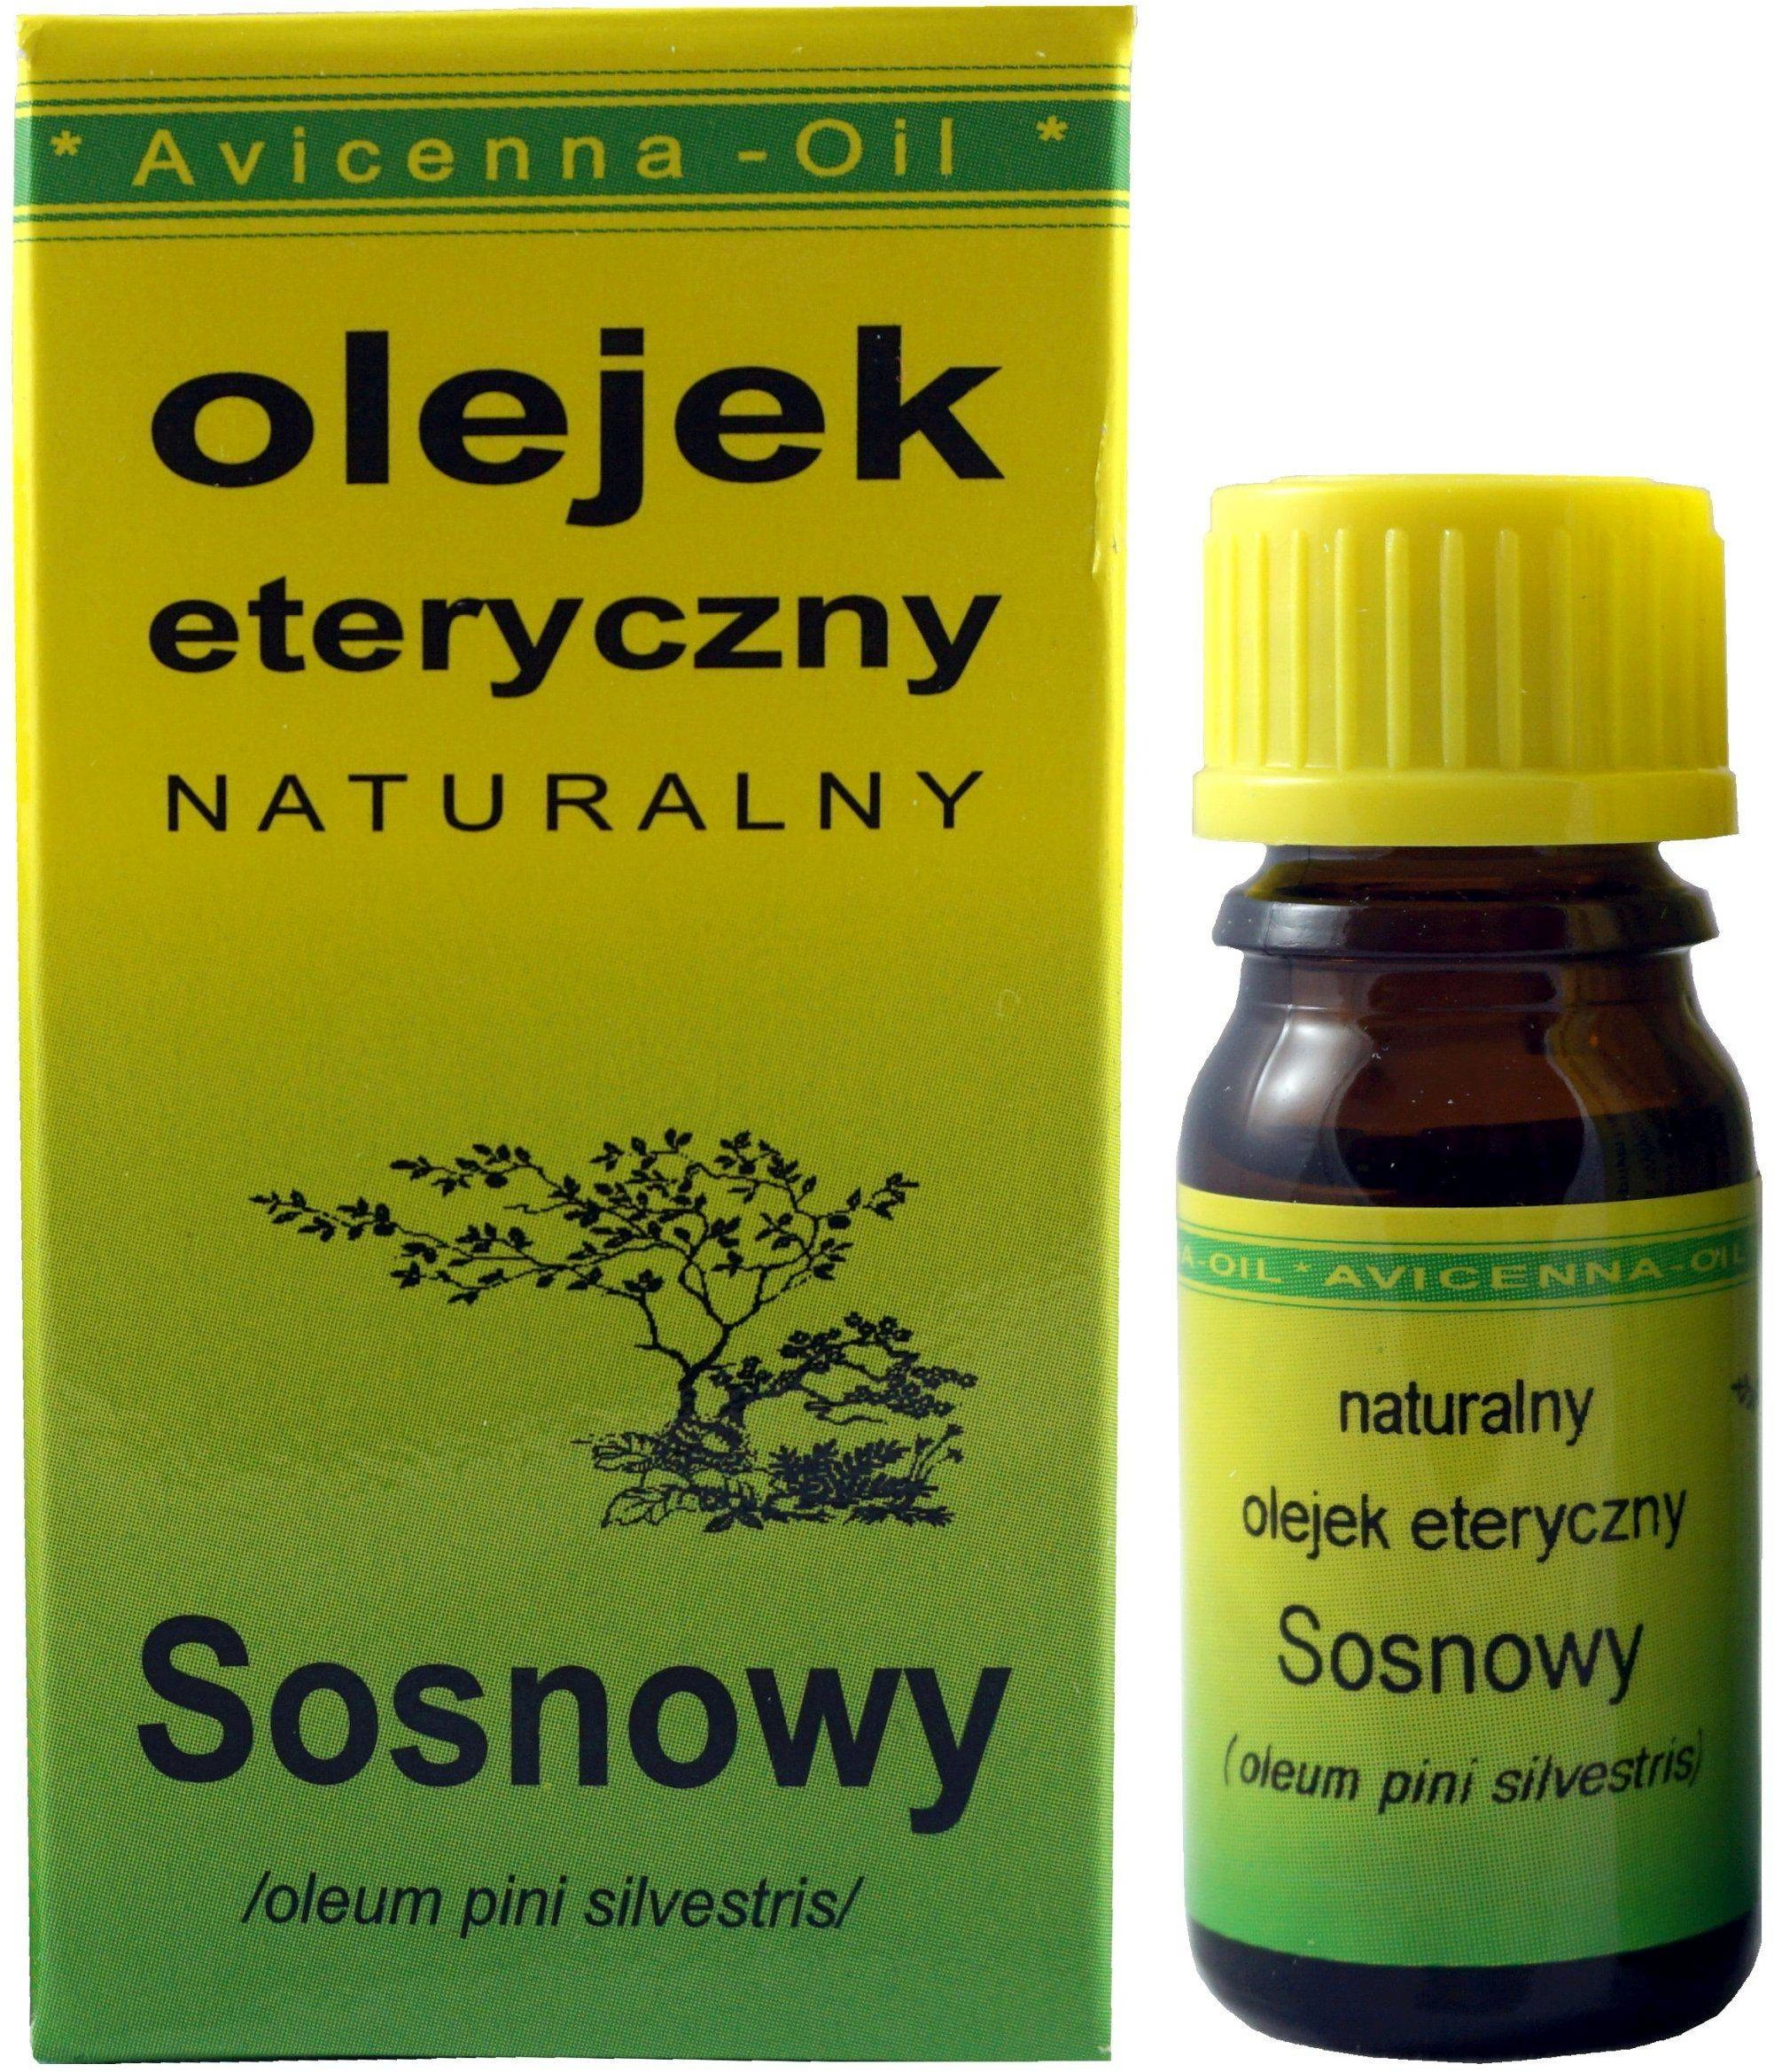 Olejek eteryczny Sosnowy - 7ml - Avicenna Oil